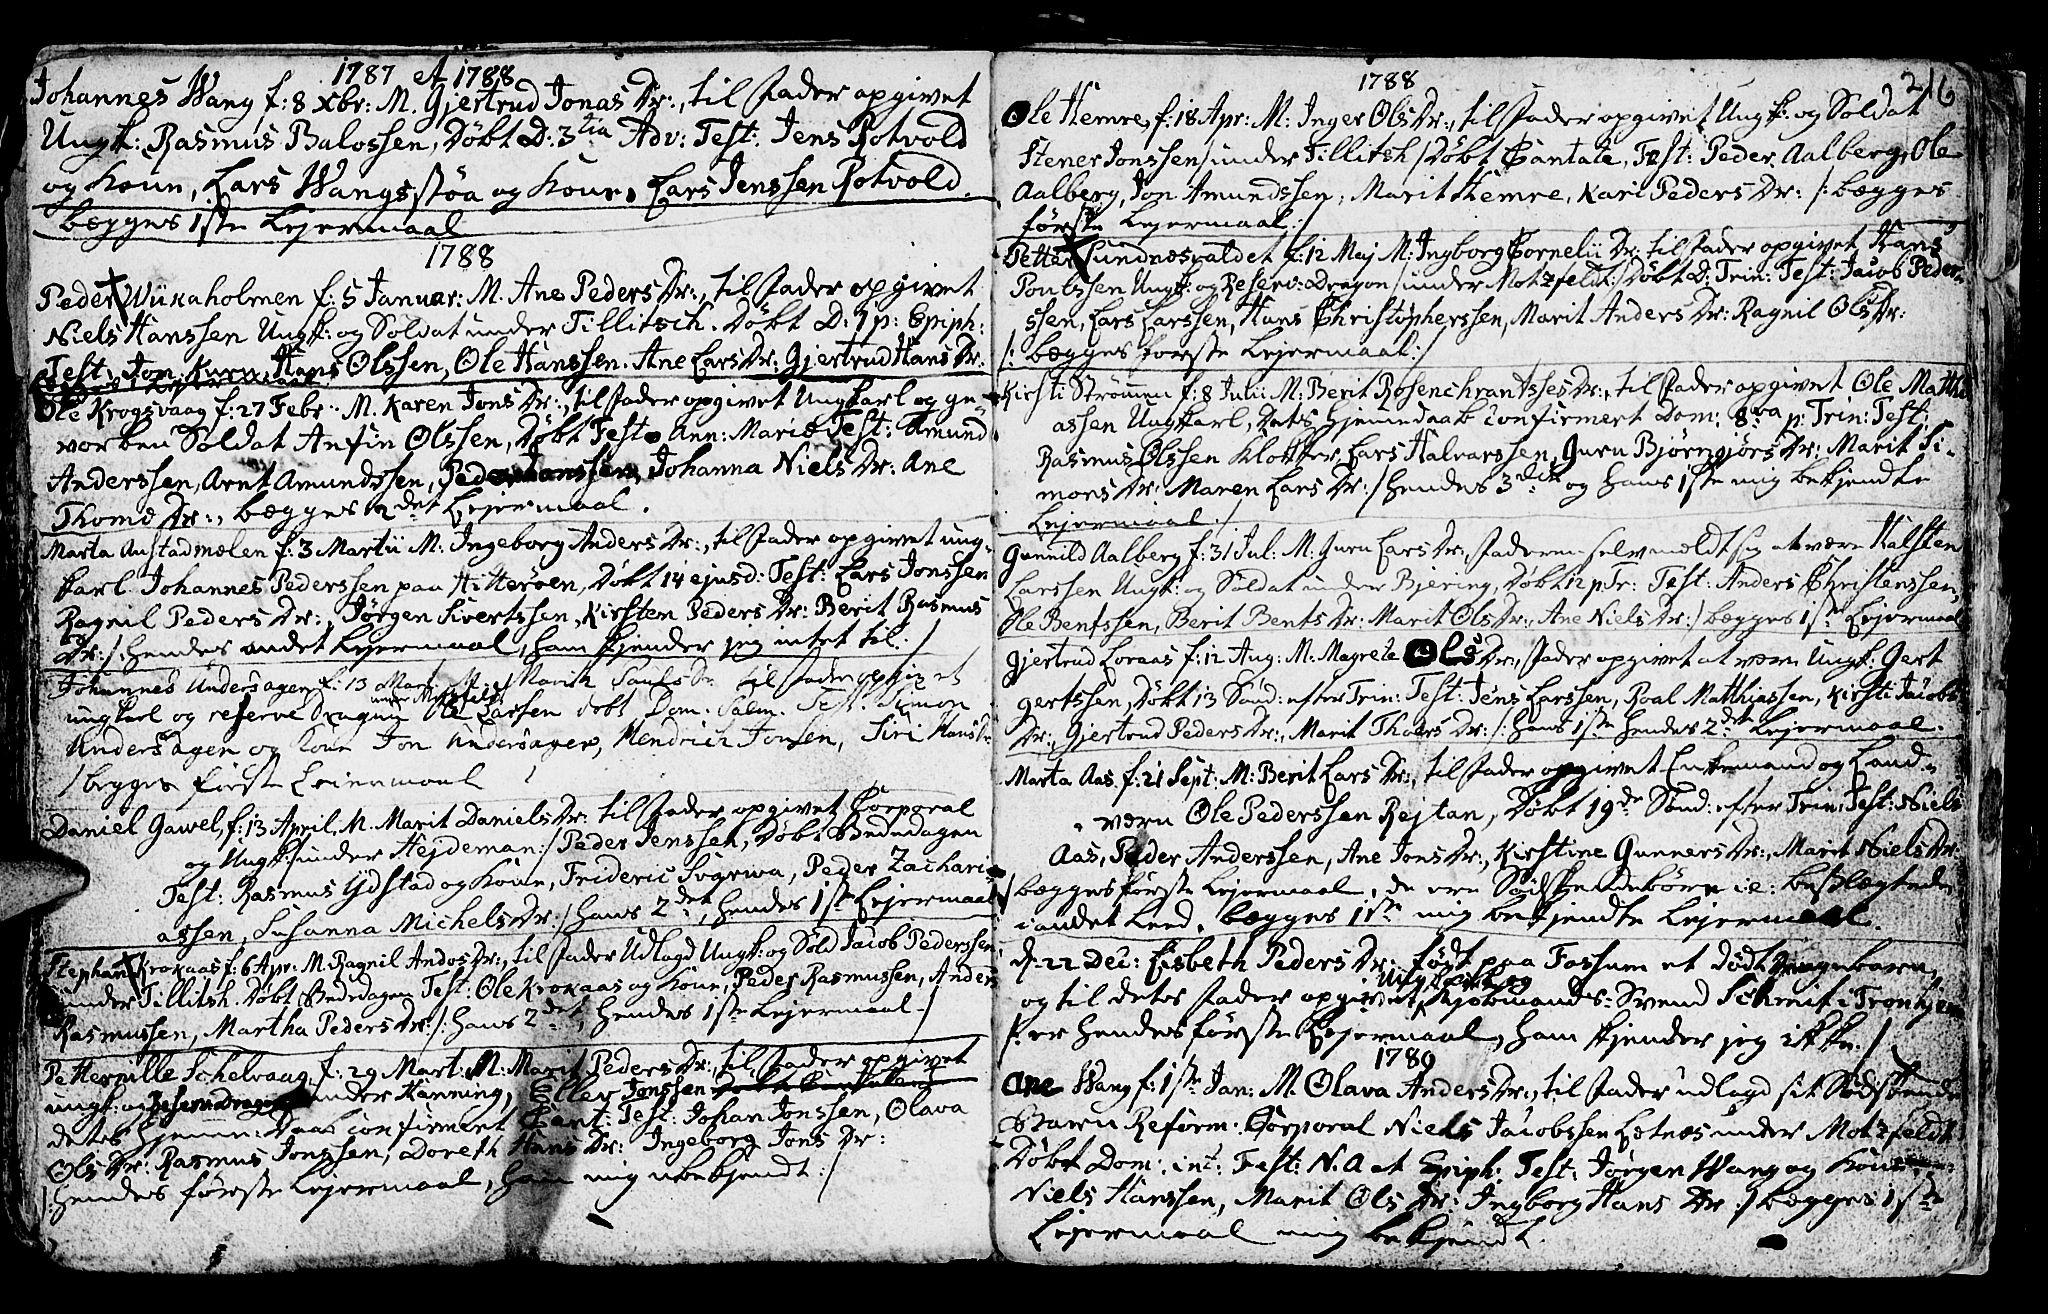 SAT, Ministerialprotokoller, klokkerbøker og fødselsregistre - Nord-Trøndelag, 730/L0273: Ministerialbok nr. 730A02, 1762-1802, s. 216